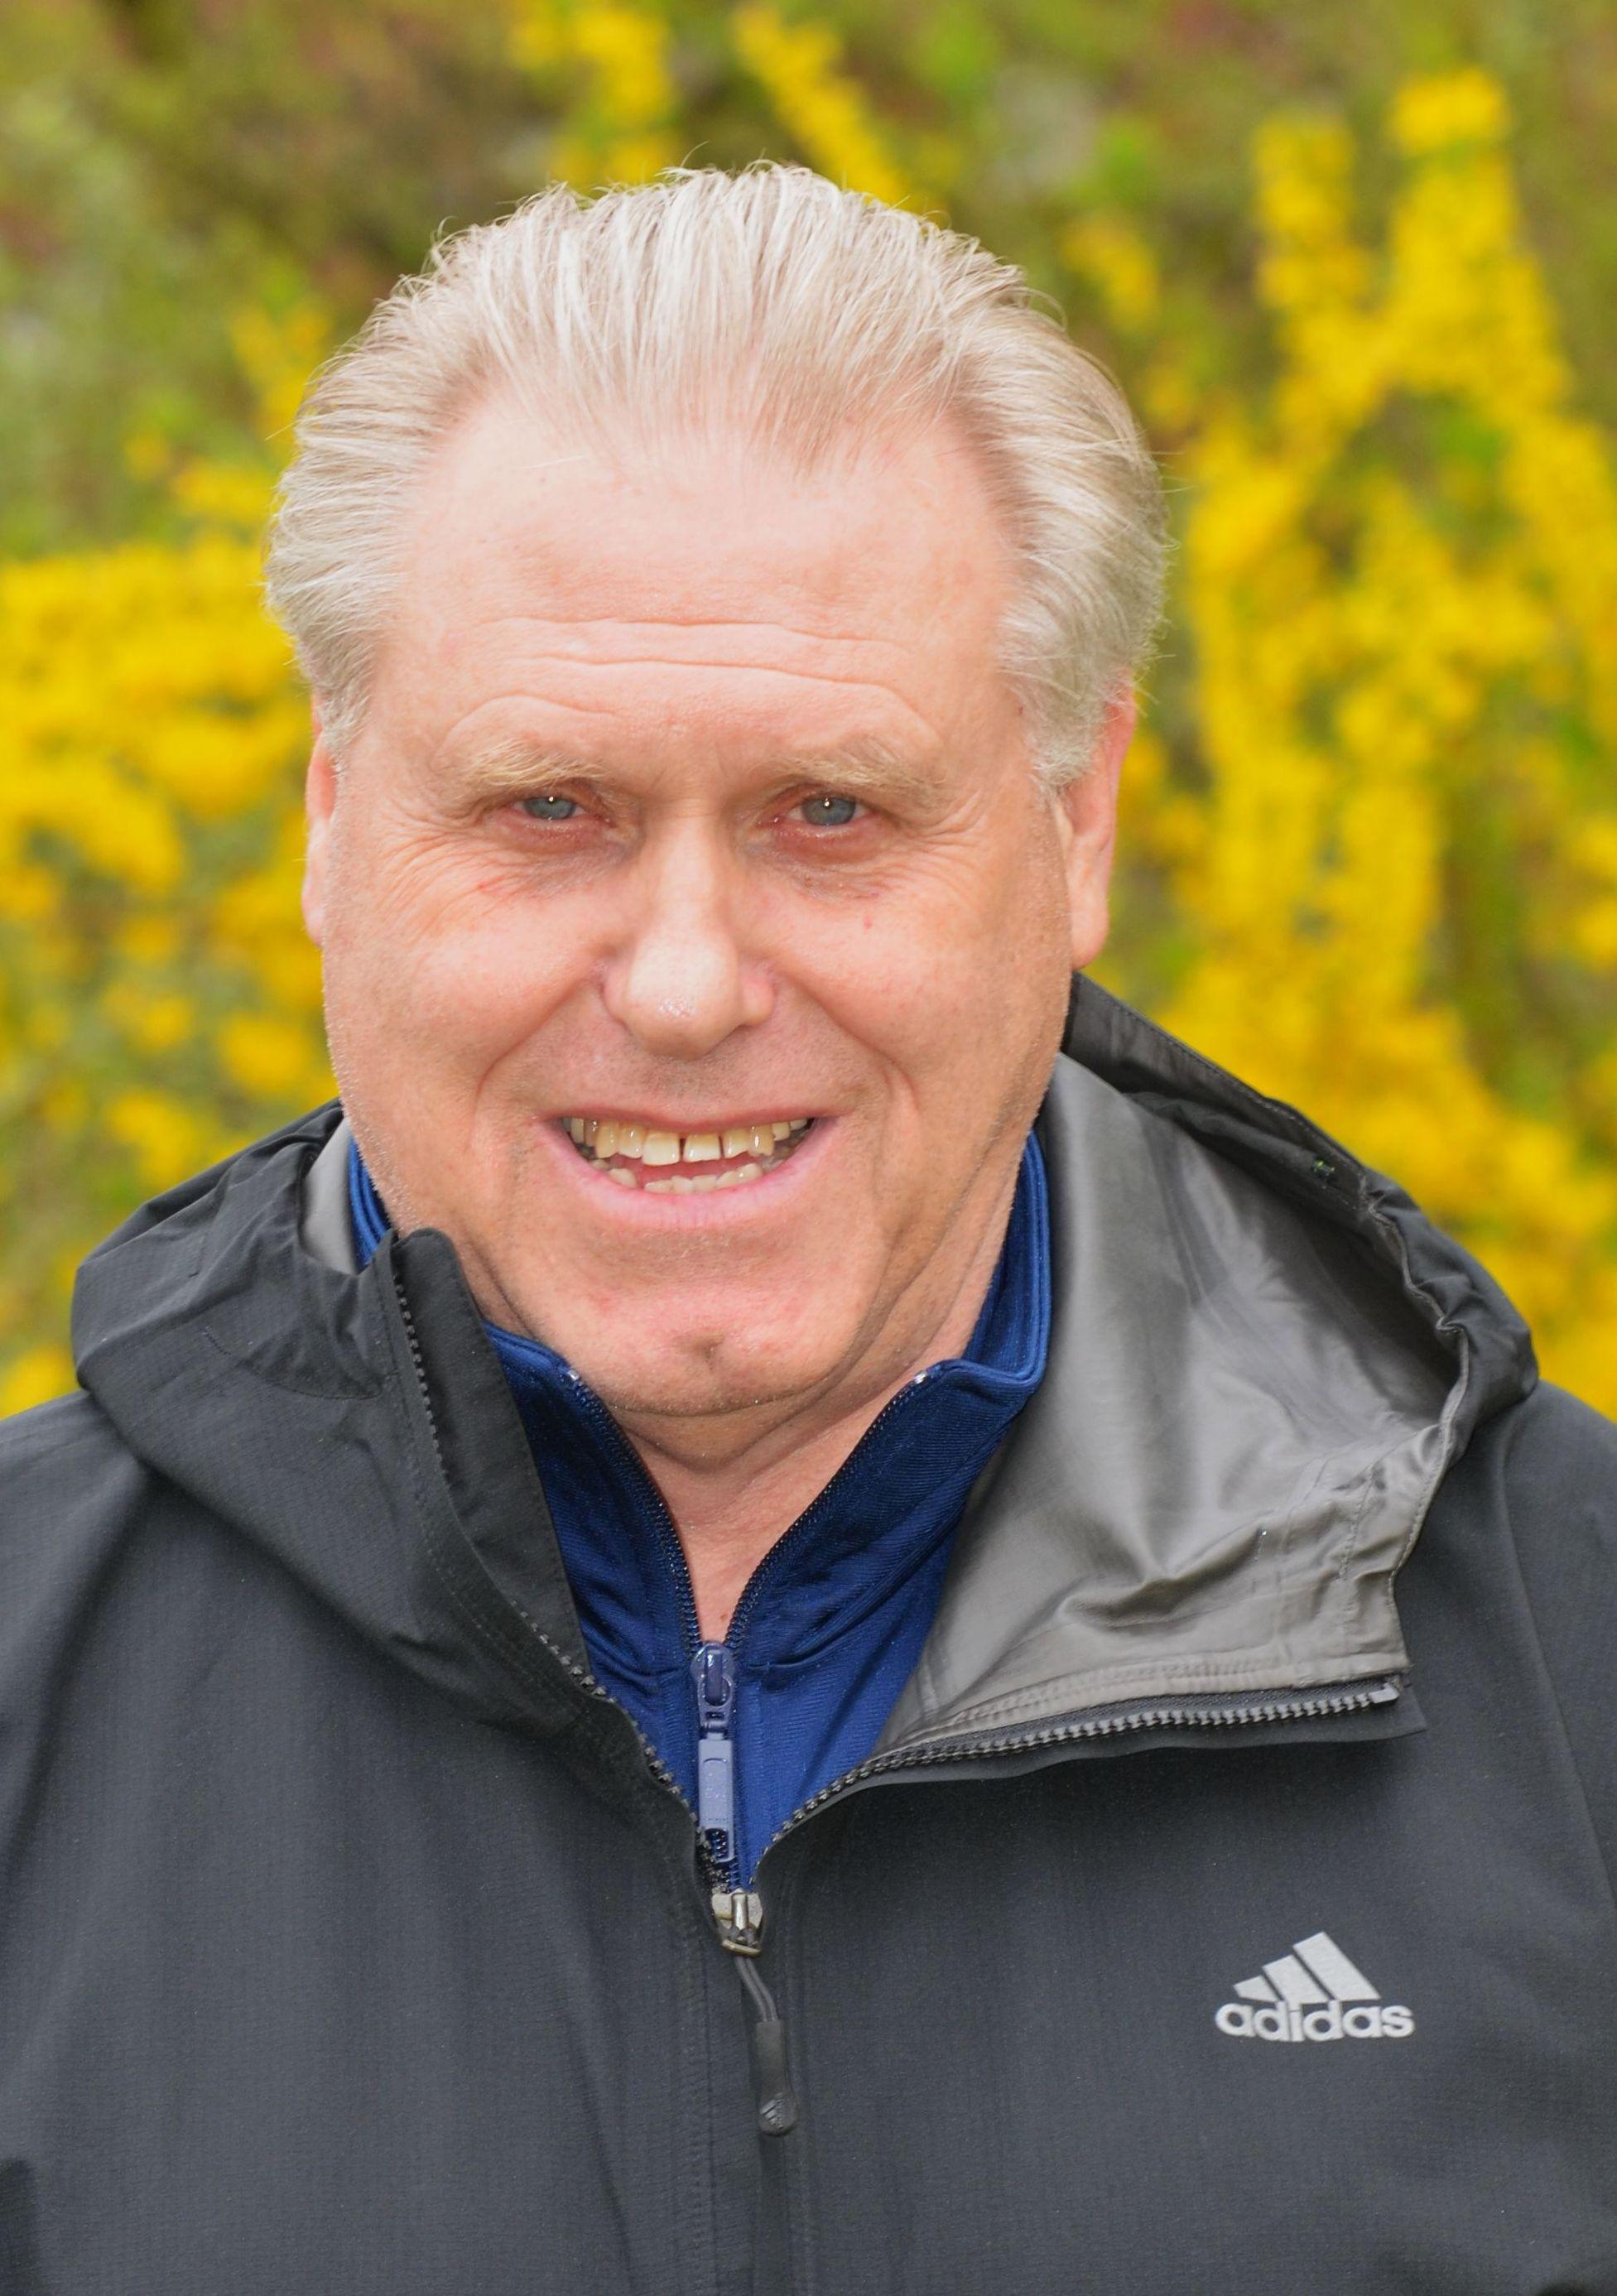 Rolf Merkel